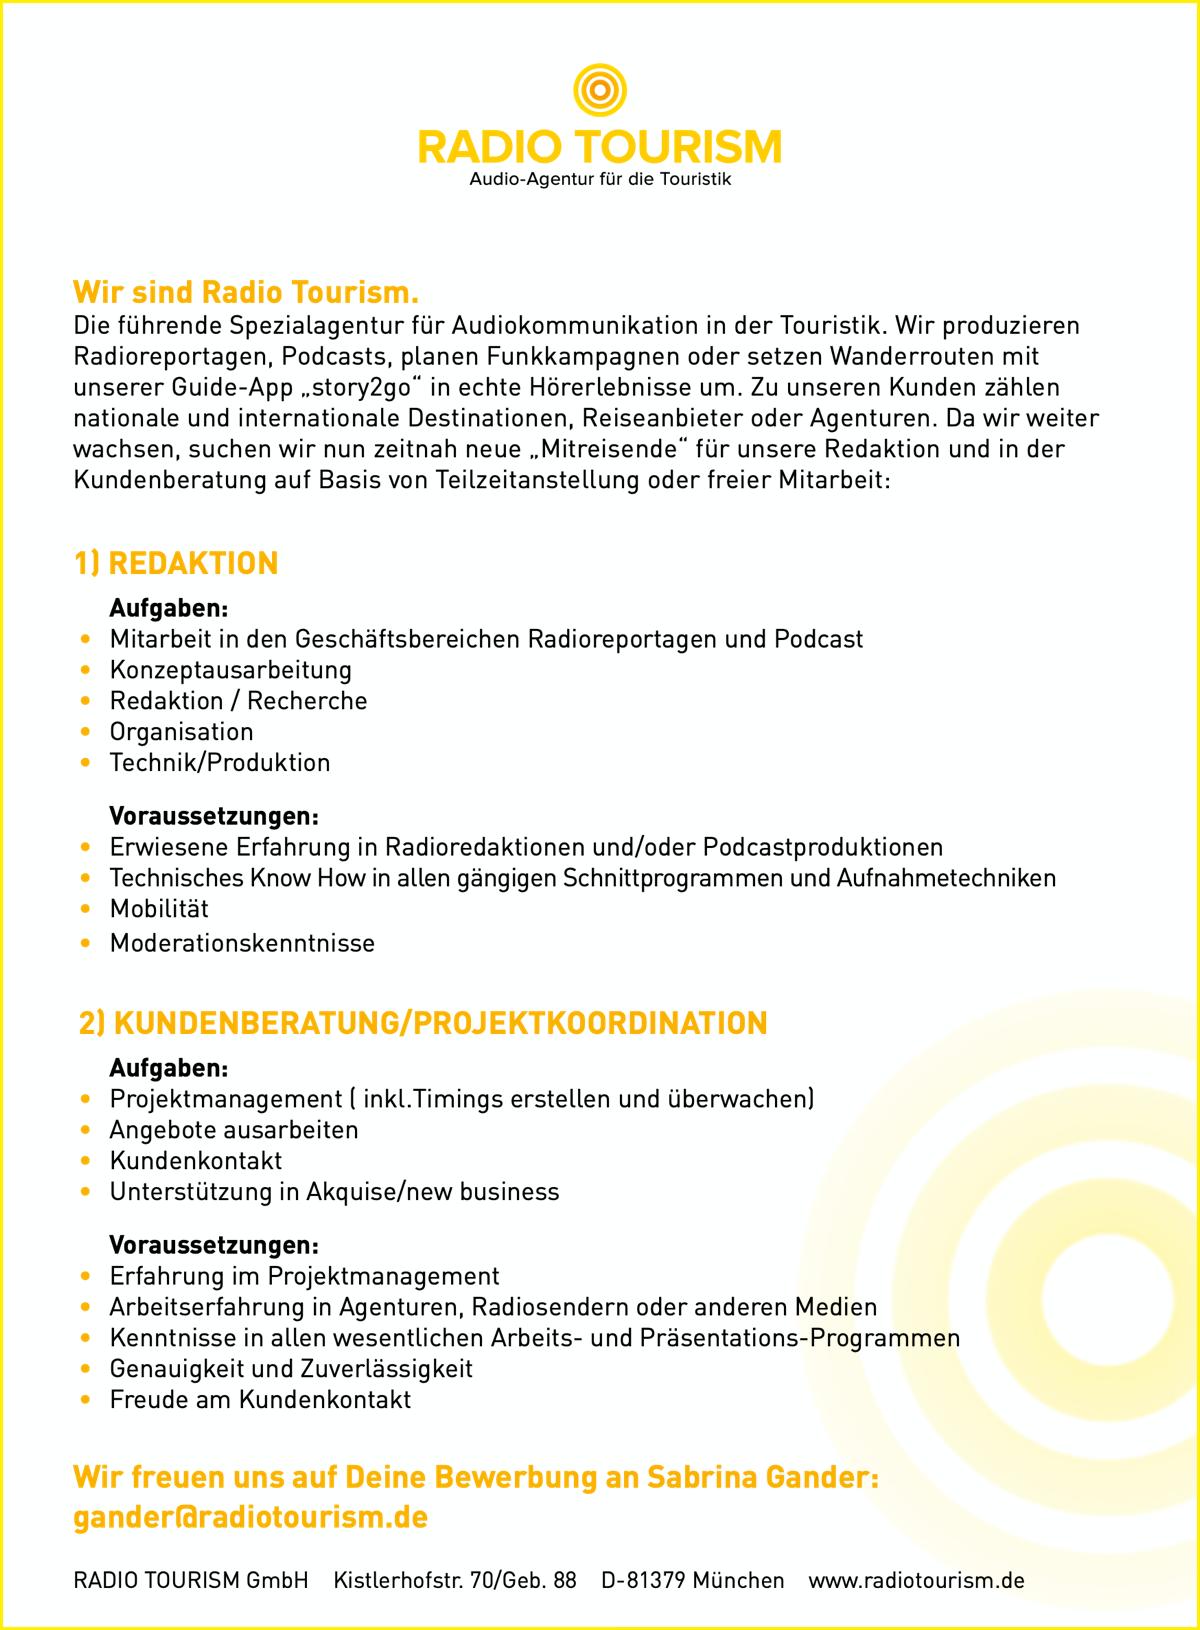 RADIO TOURISM bietet freie Mitarbeit in Redaktion und Kundenberatung/Projektkoordination